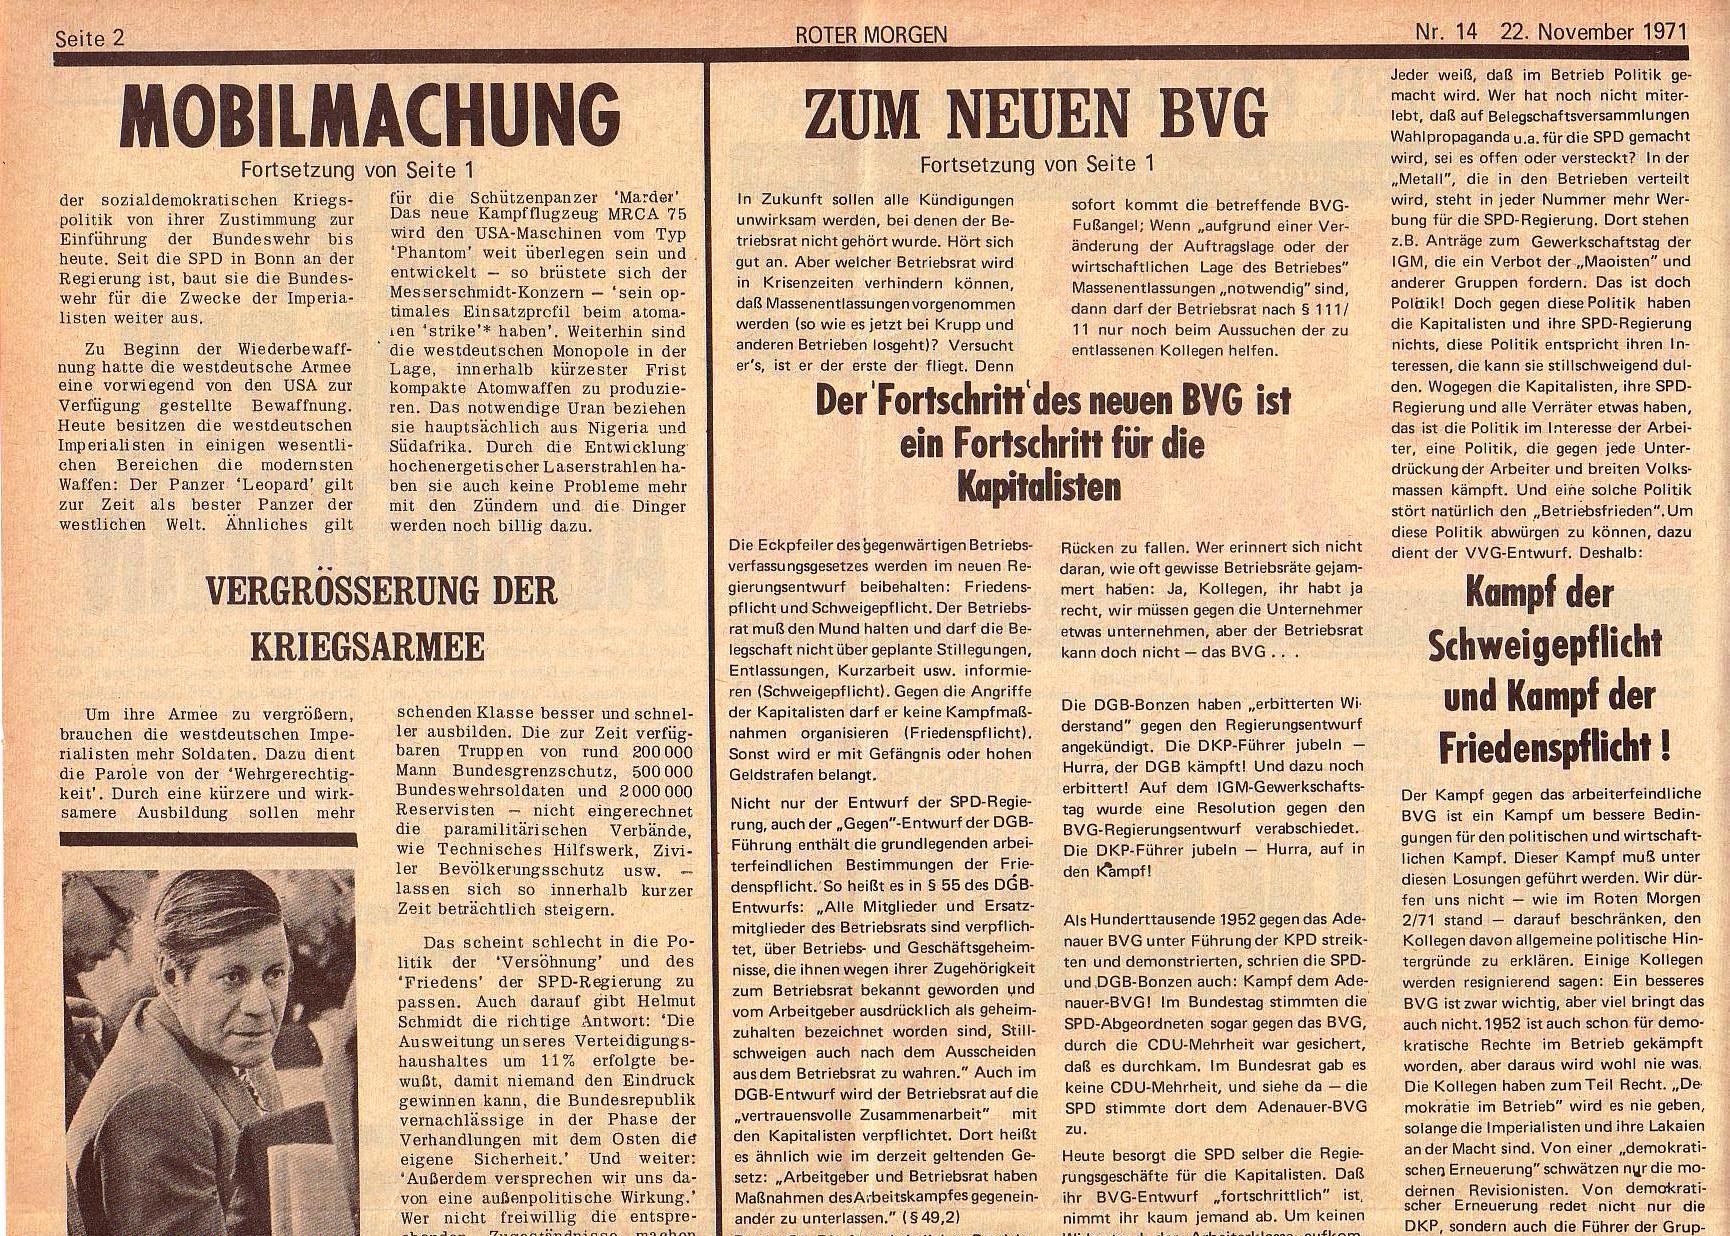 Roter Morgen, 5. Jg., 22. November 1971, Nr. 14, Seite 2a